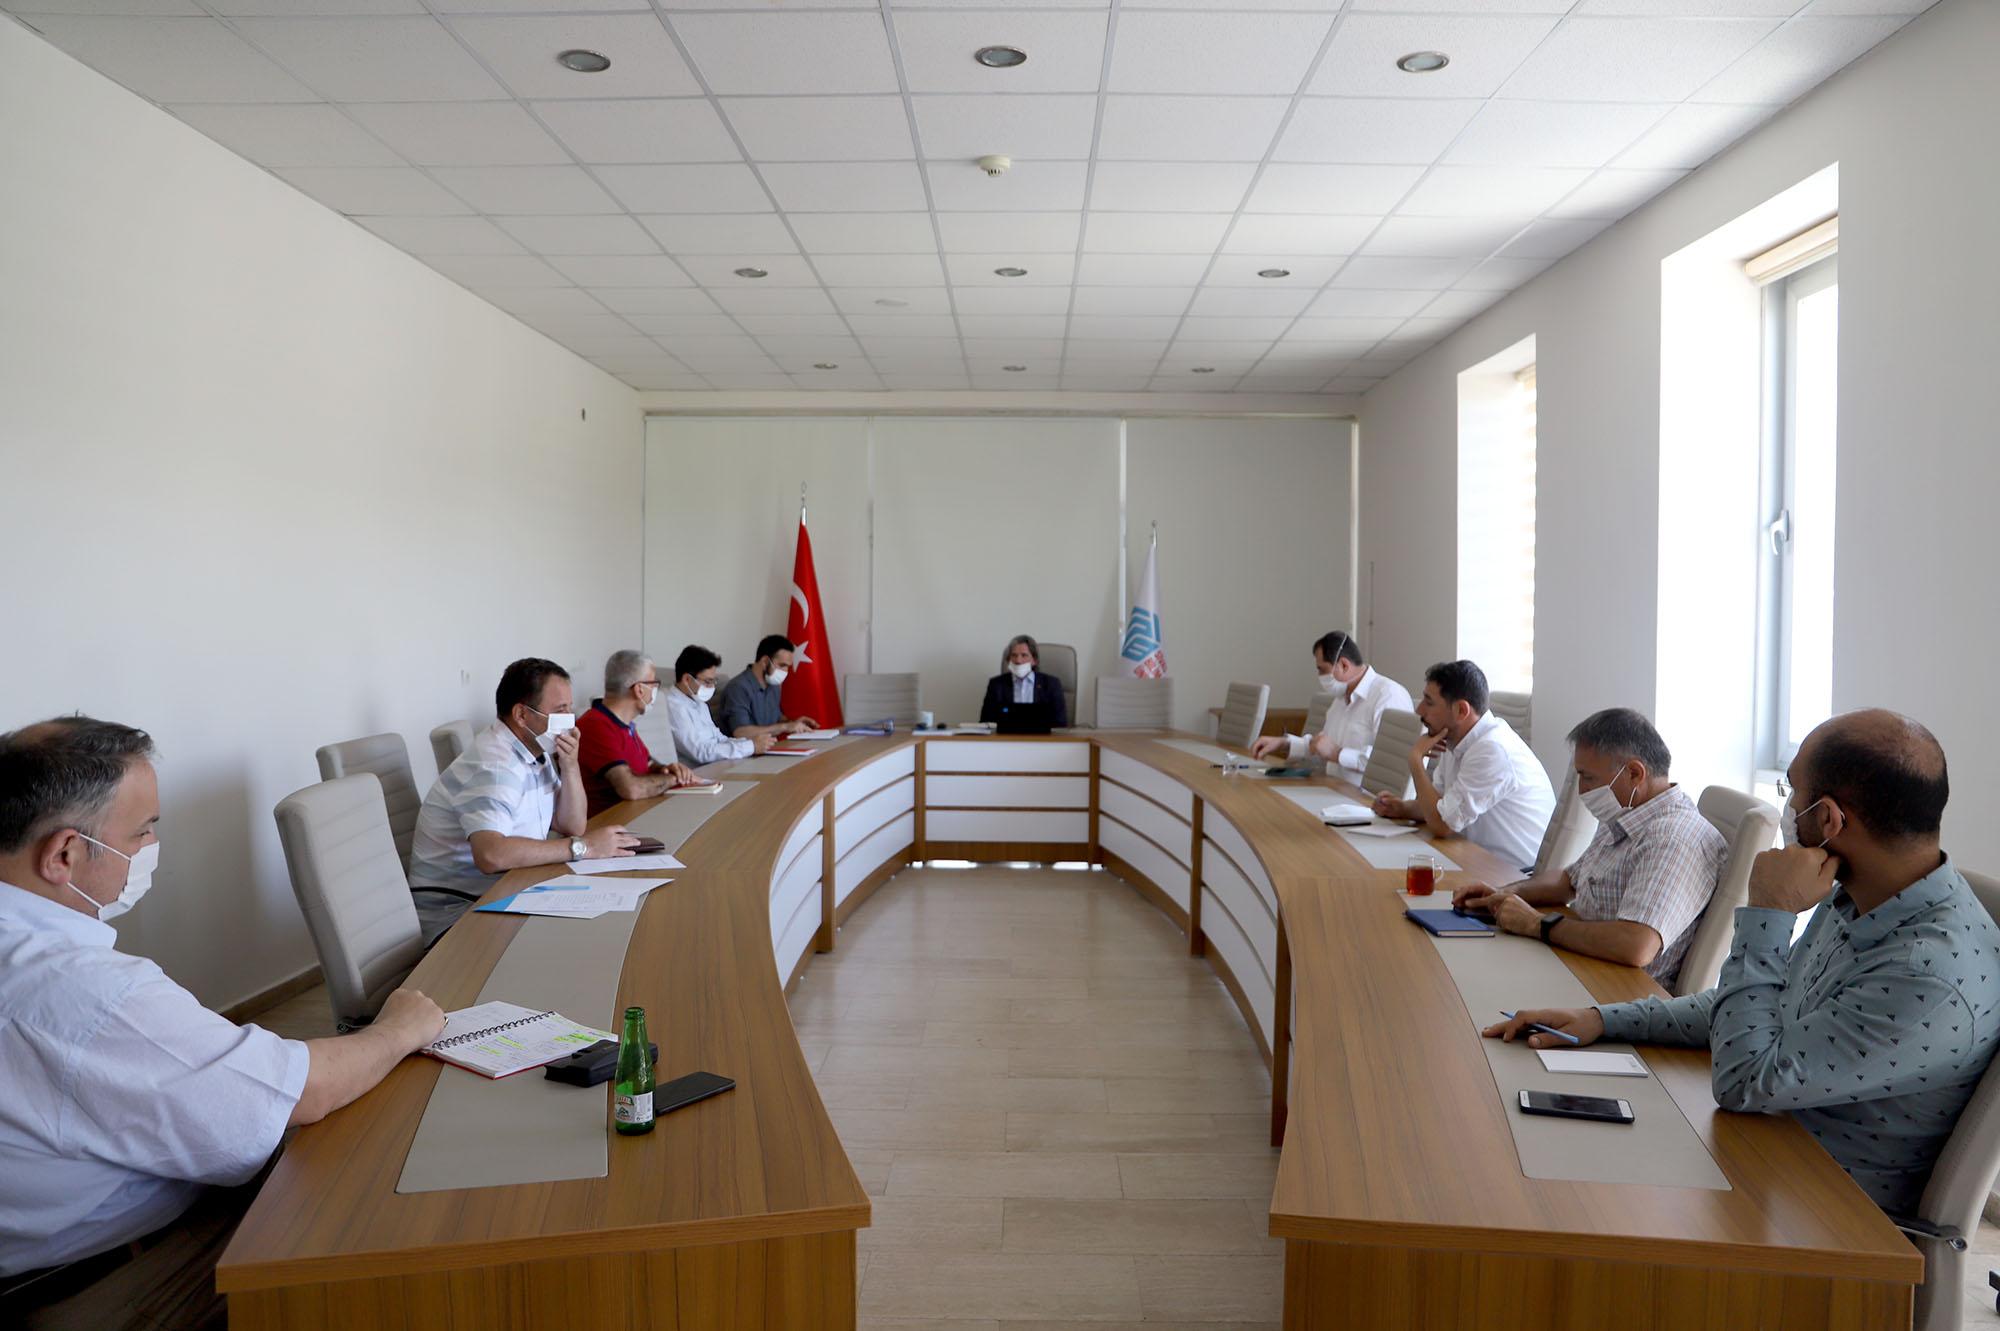 İdari Birim Amirleri İstişare Toplantısı Gerçekleştirildi